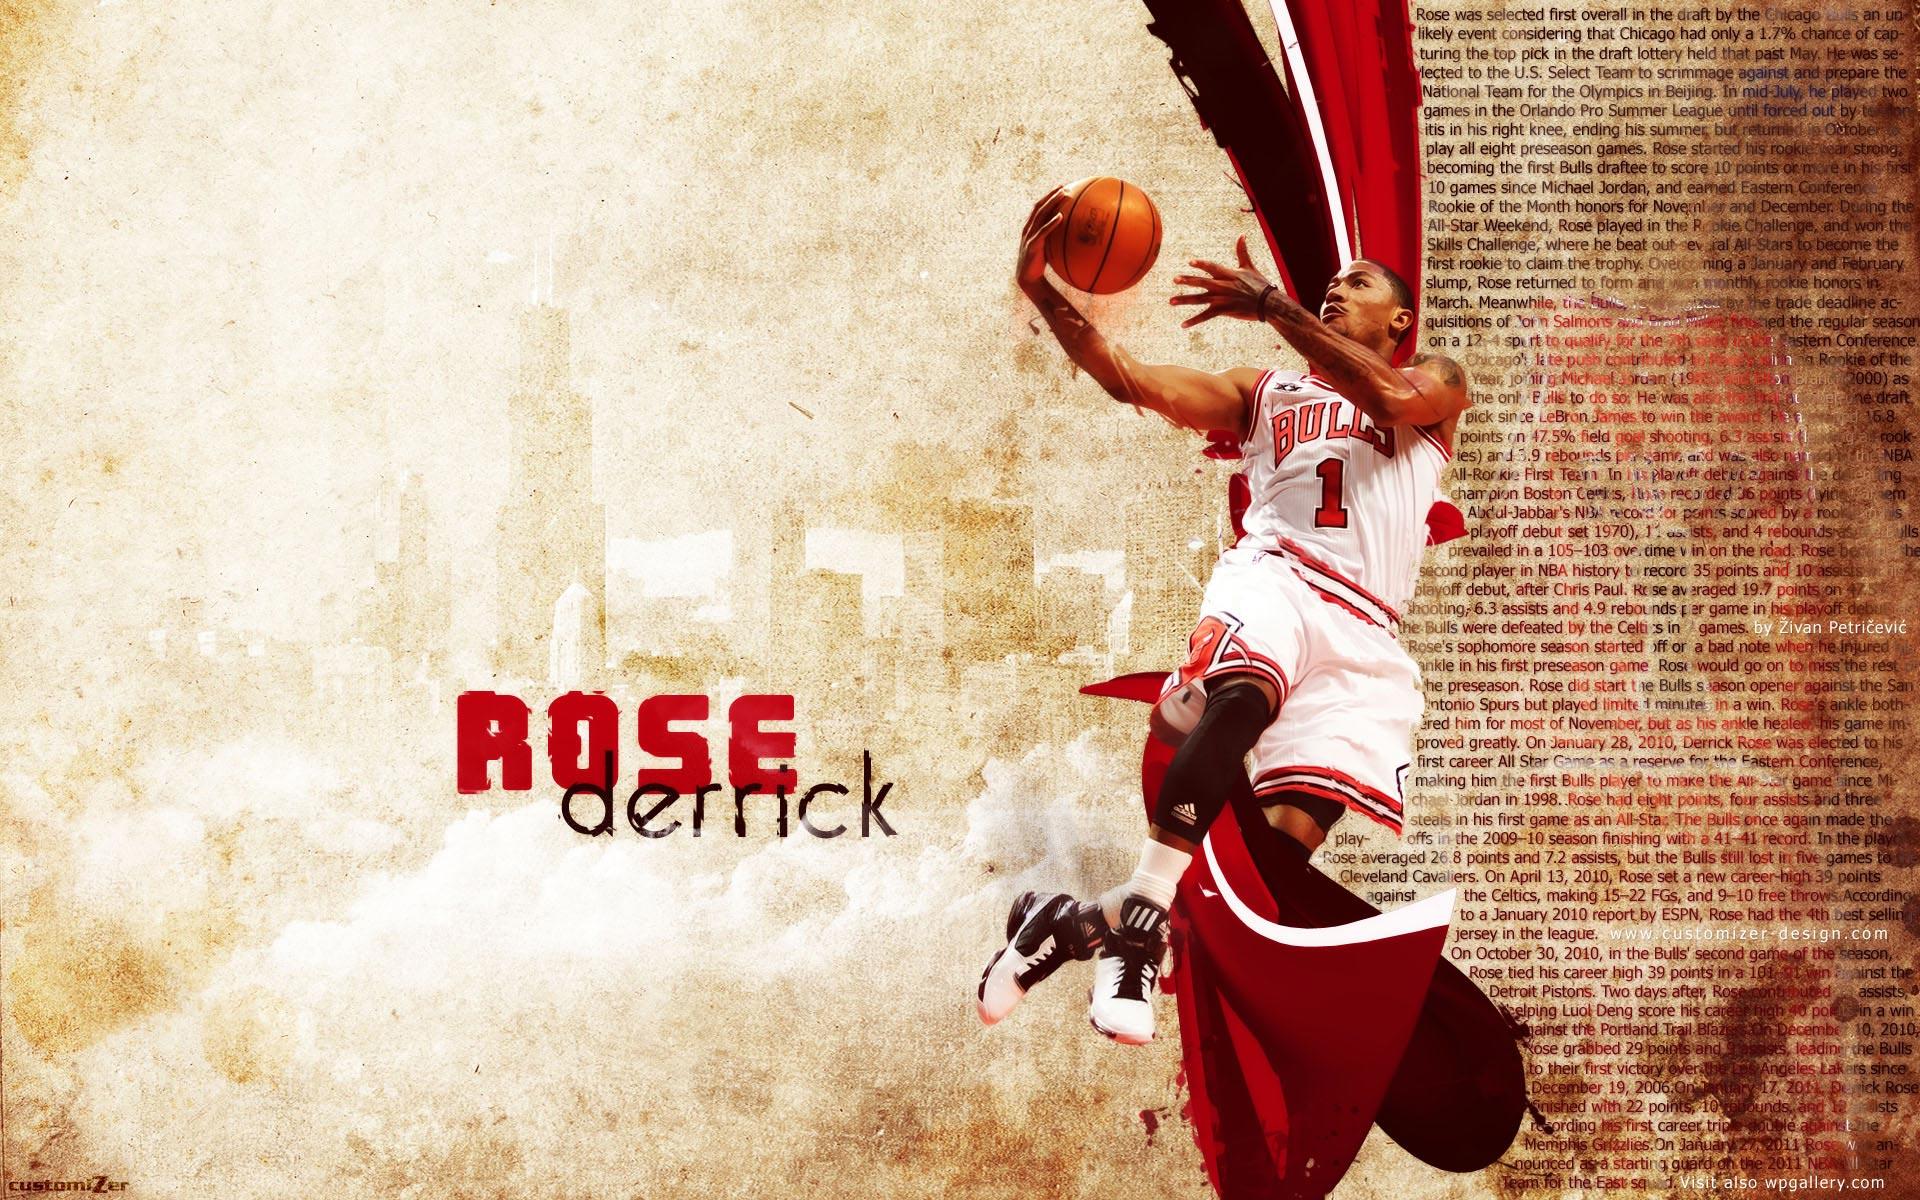 related derrick rose all star 2011 widescreen 05 23 2011 derrick rose 1920x1200